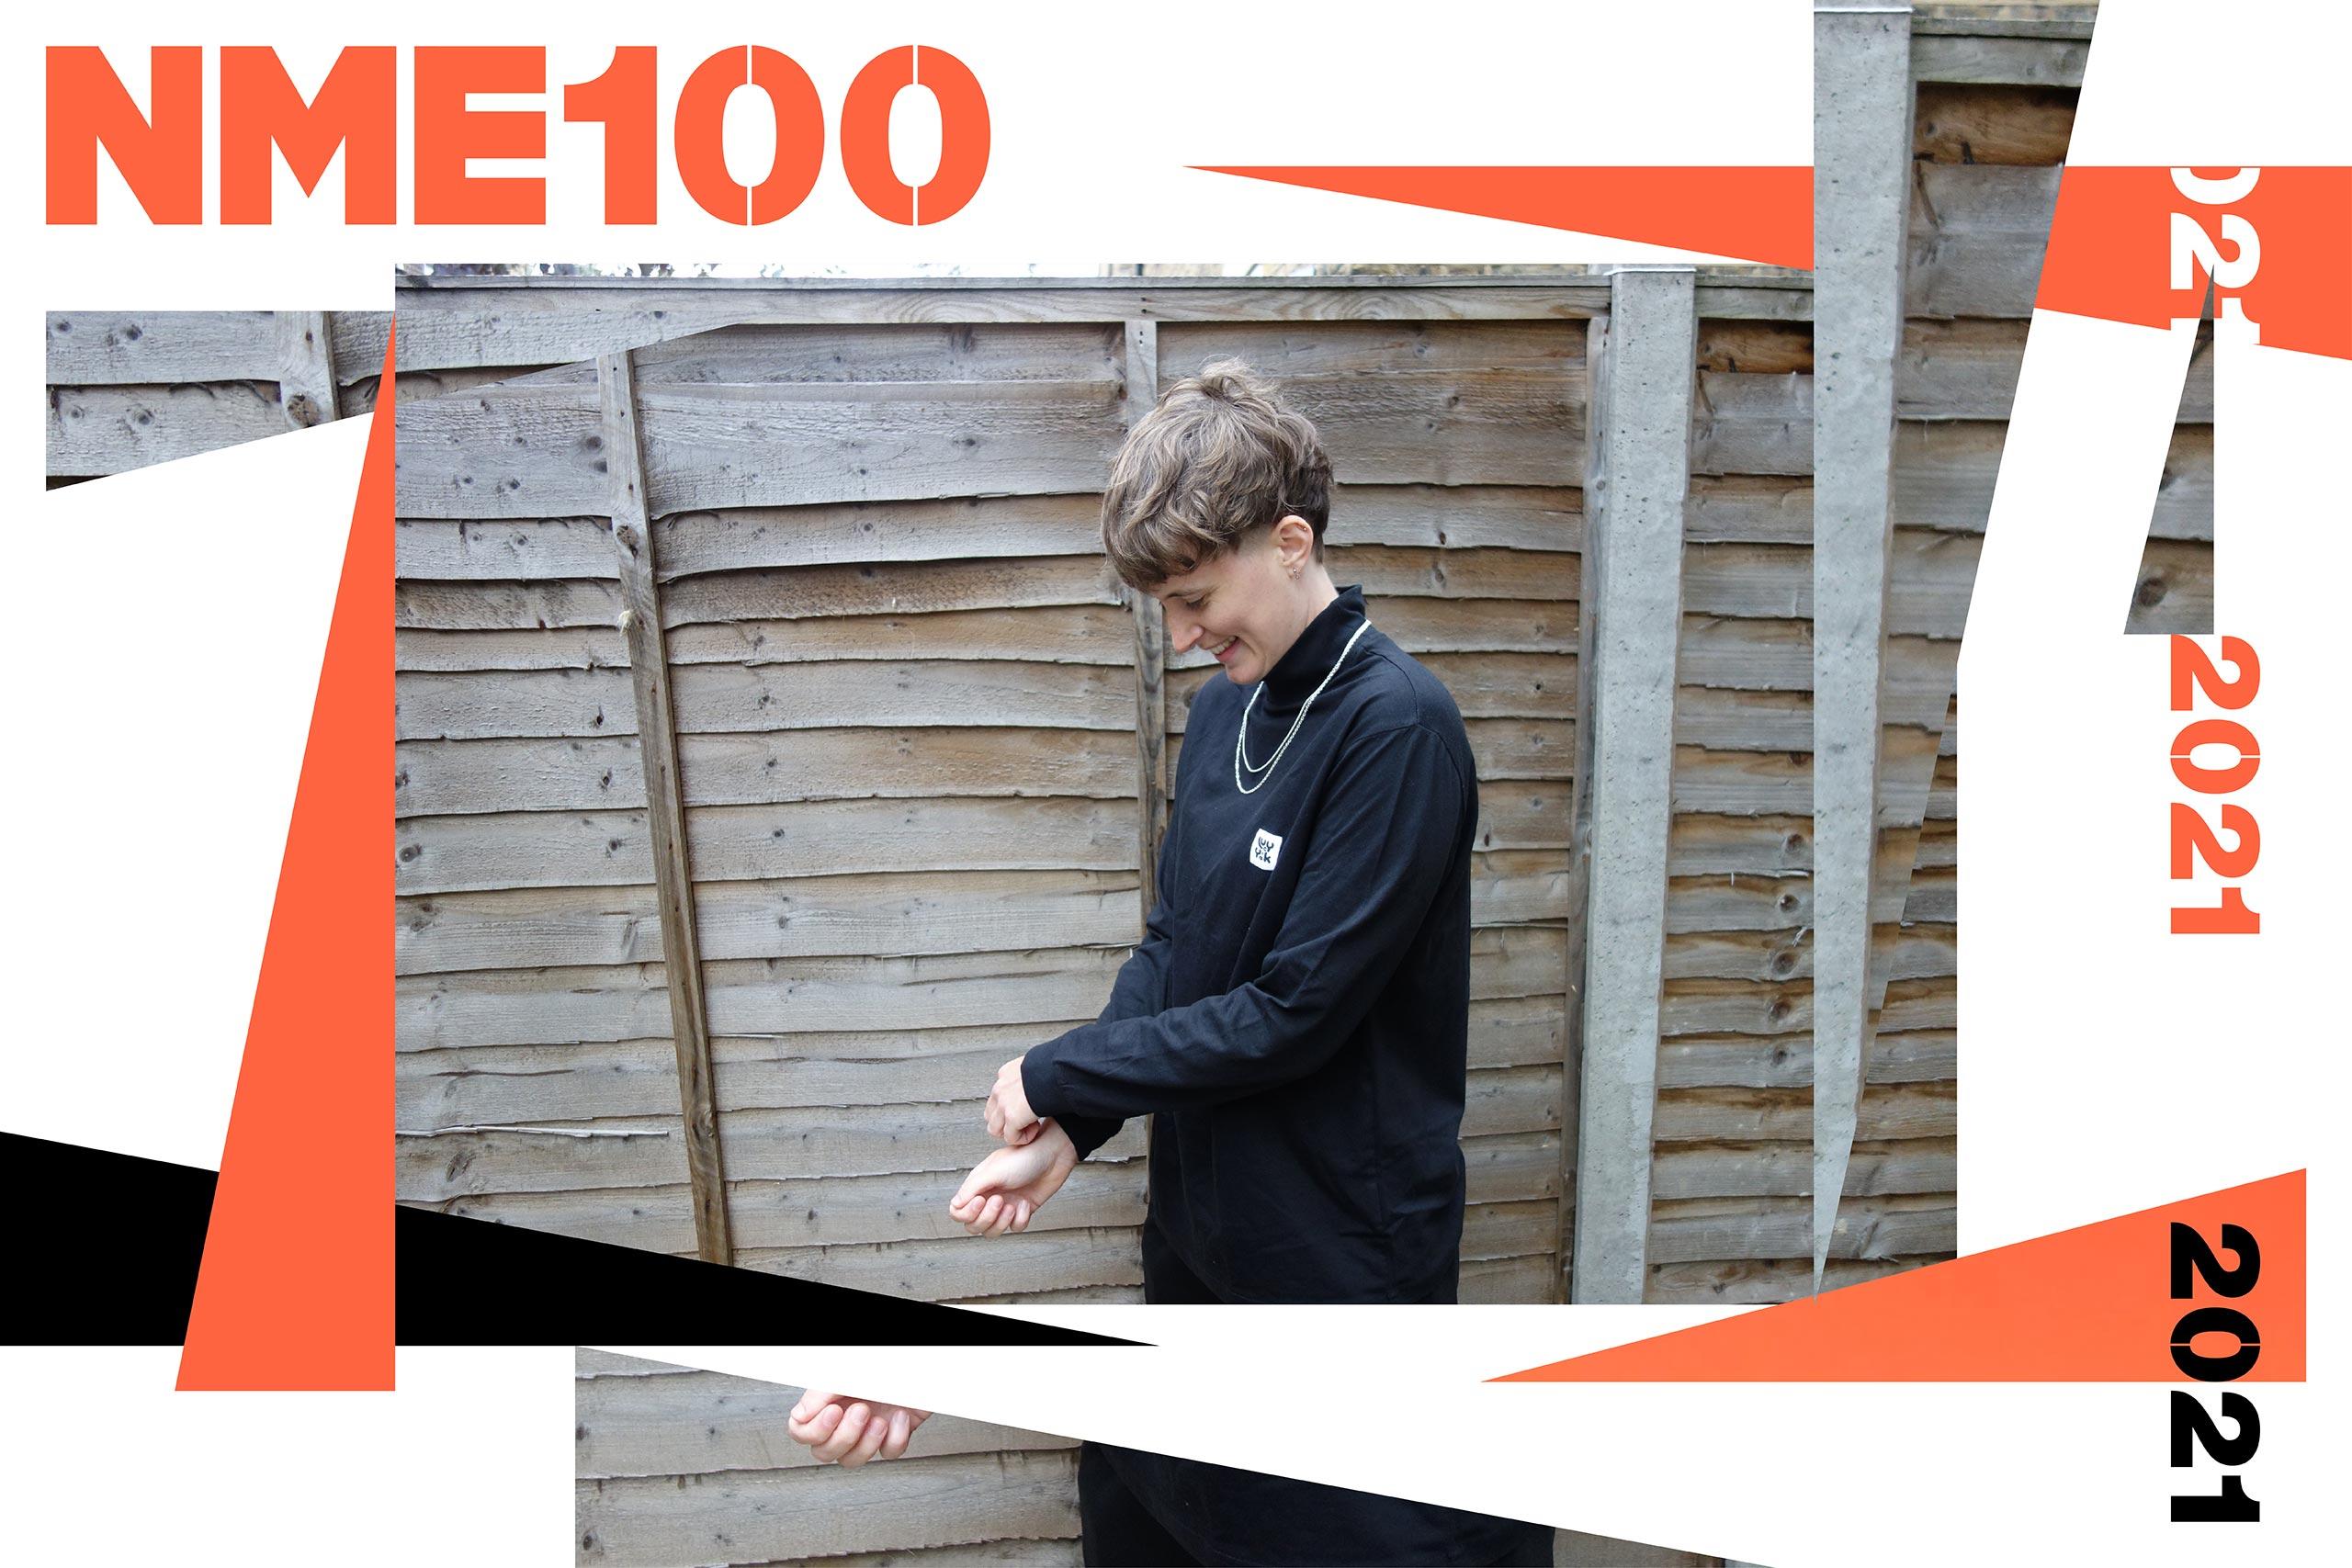 NME 100 india jordan